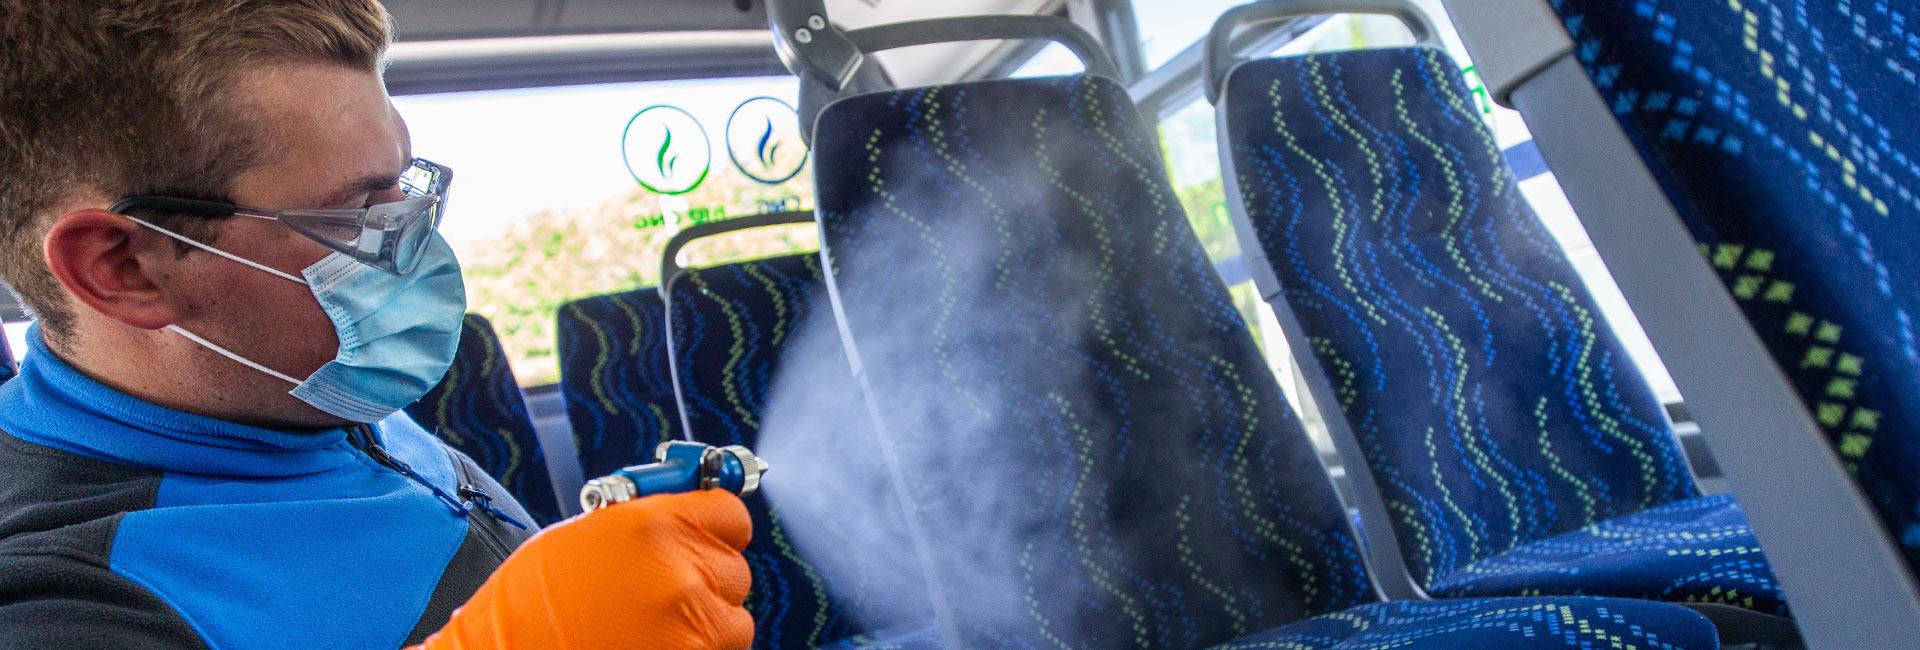 schneider_desinfektion_bus_002